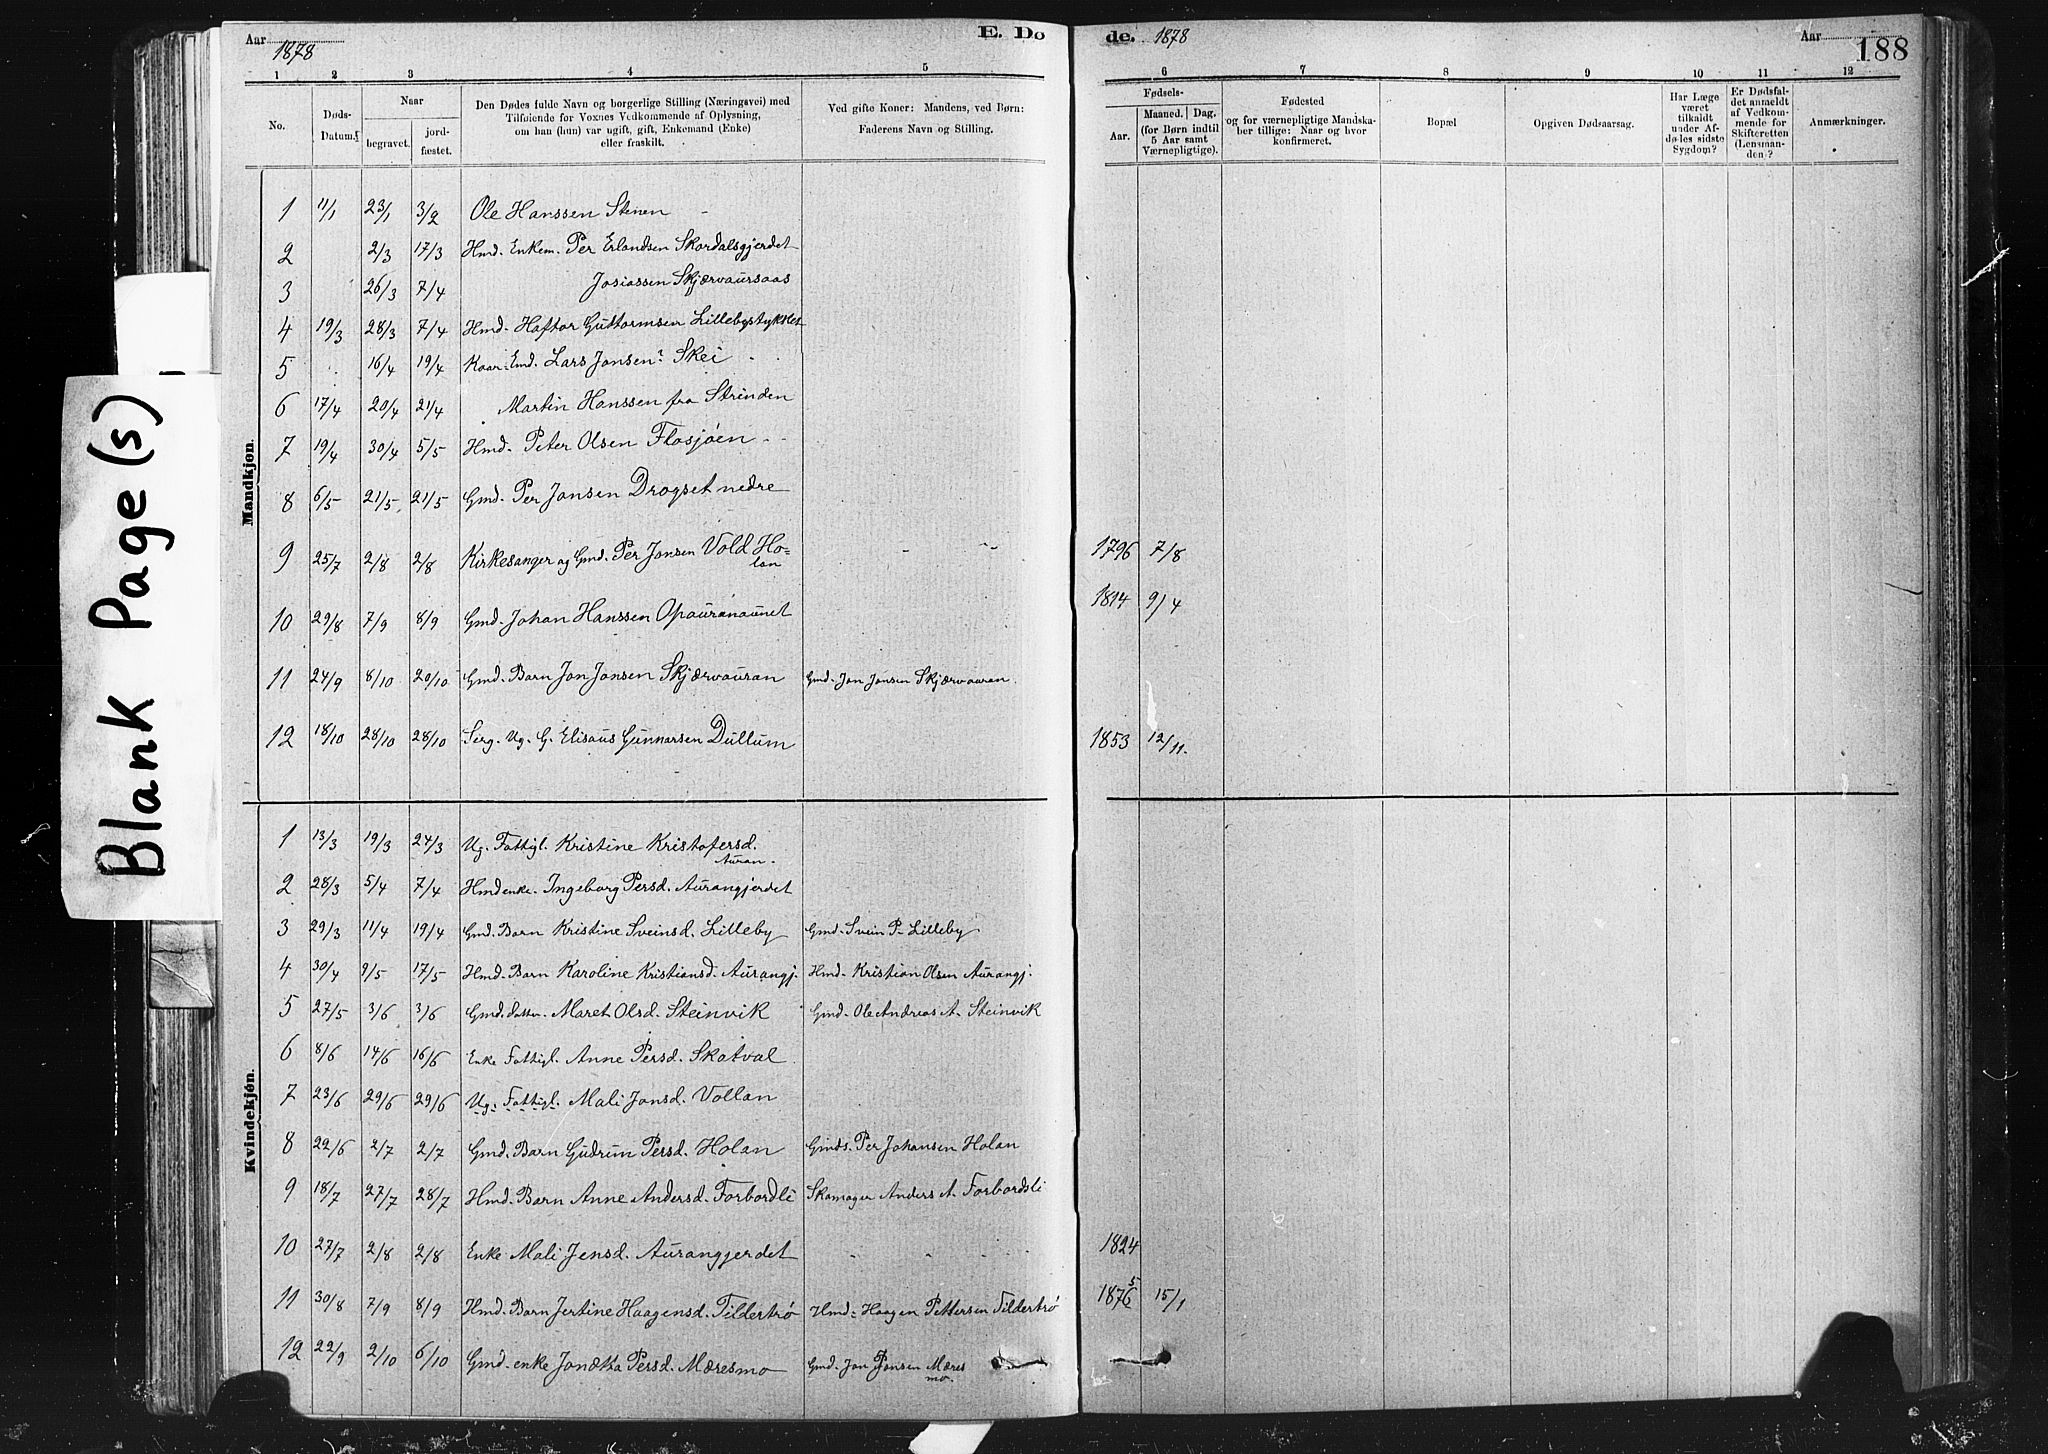 SAT, Ministerialprotokoller, klokkerbøker og fødselsregistre - Nord-Trøndelag, 712/L0103: Klokkerbok nr. 712C01, 1878-1917, s. 188